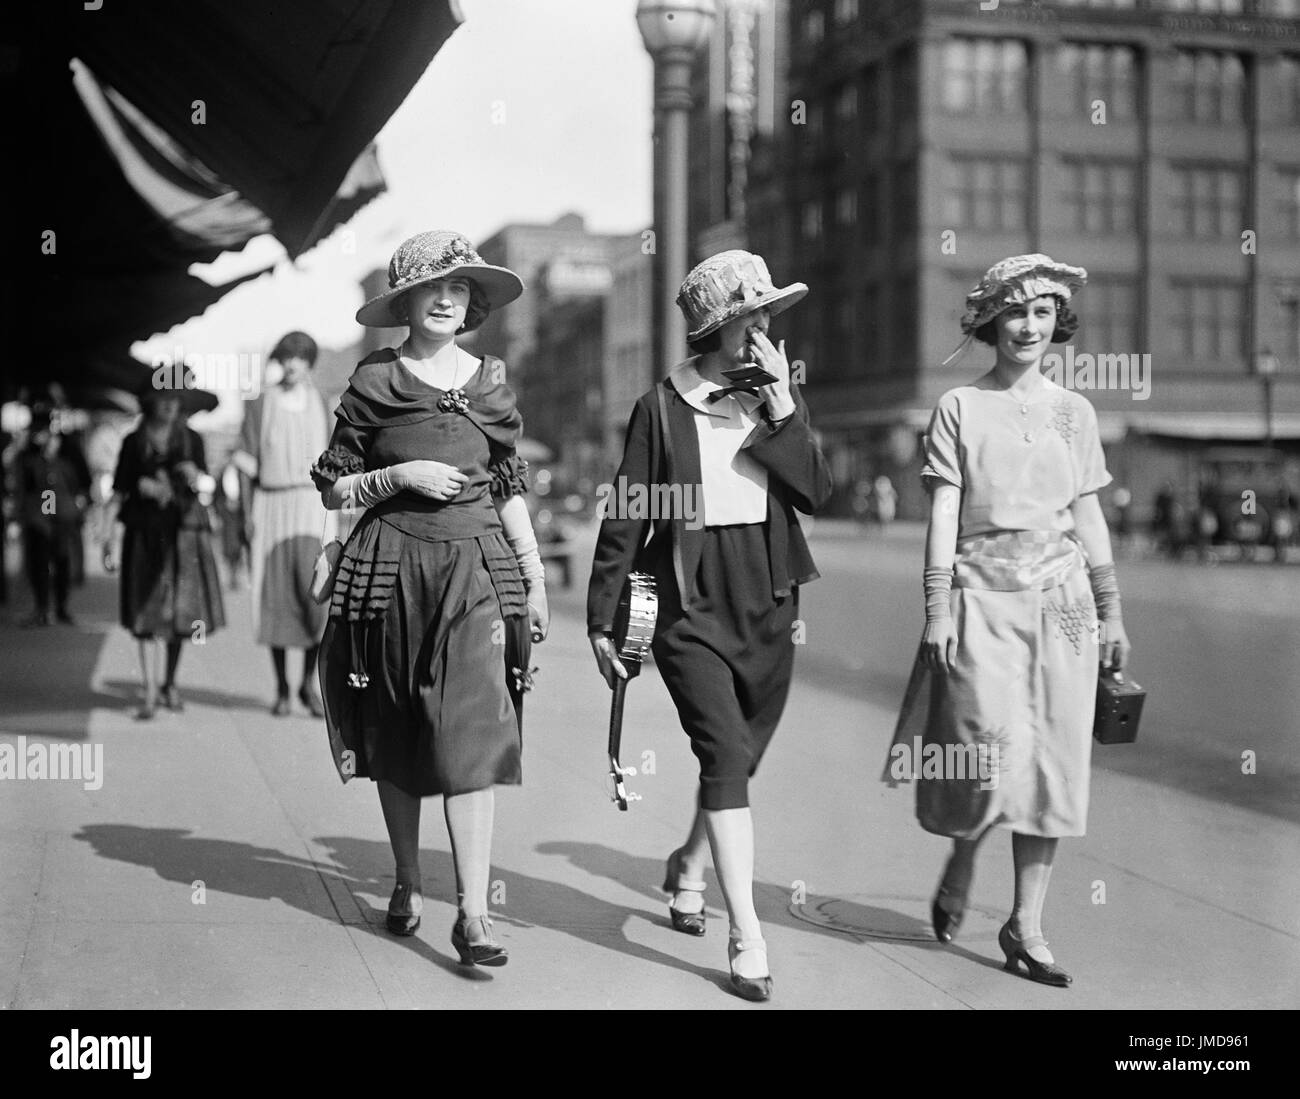 Старые фото девушек 30-х годов